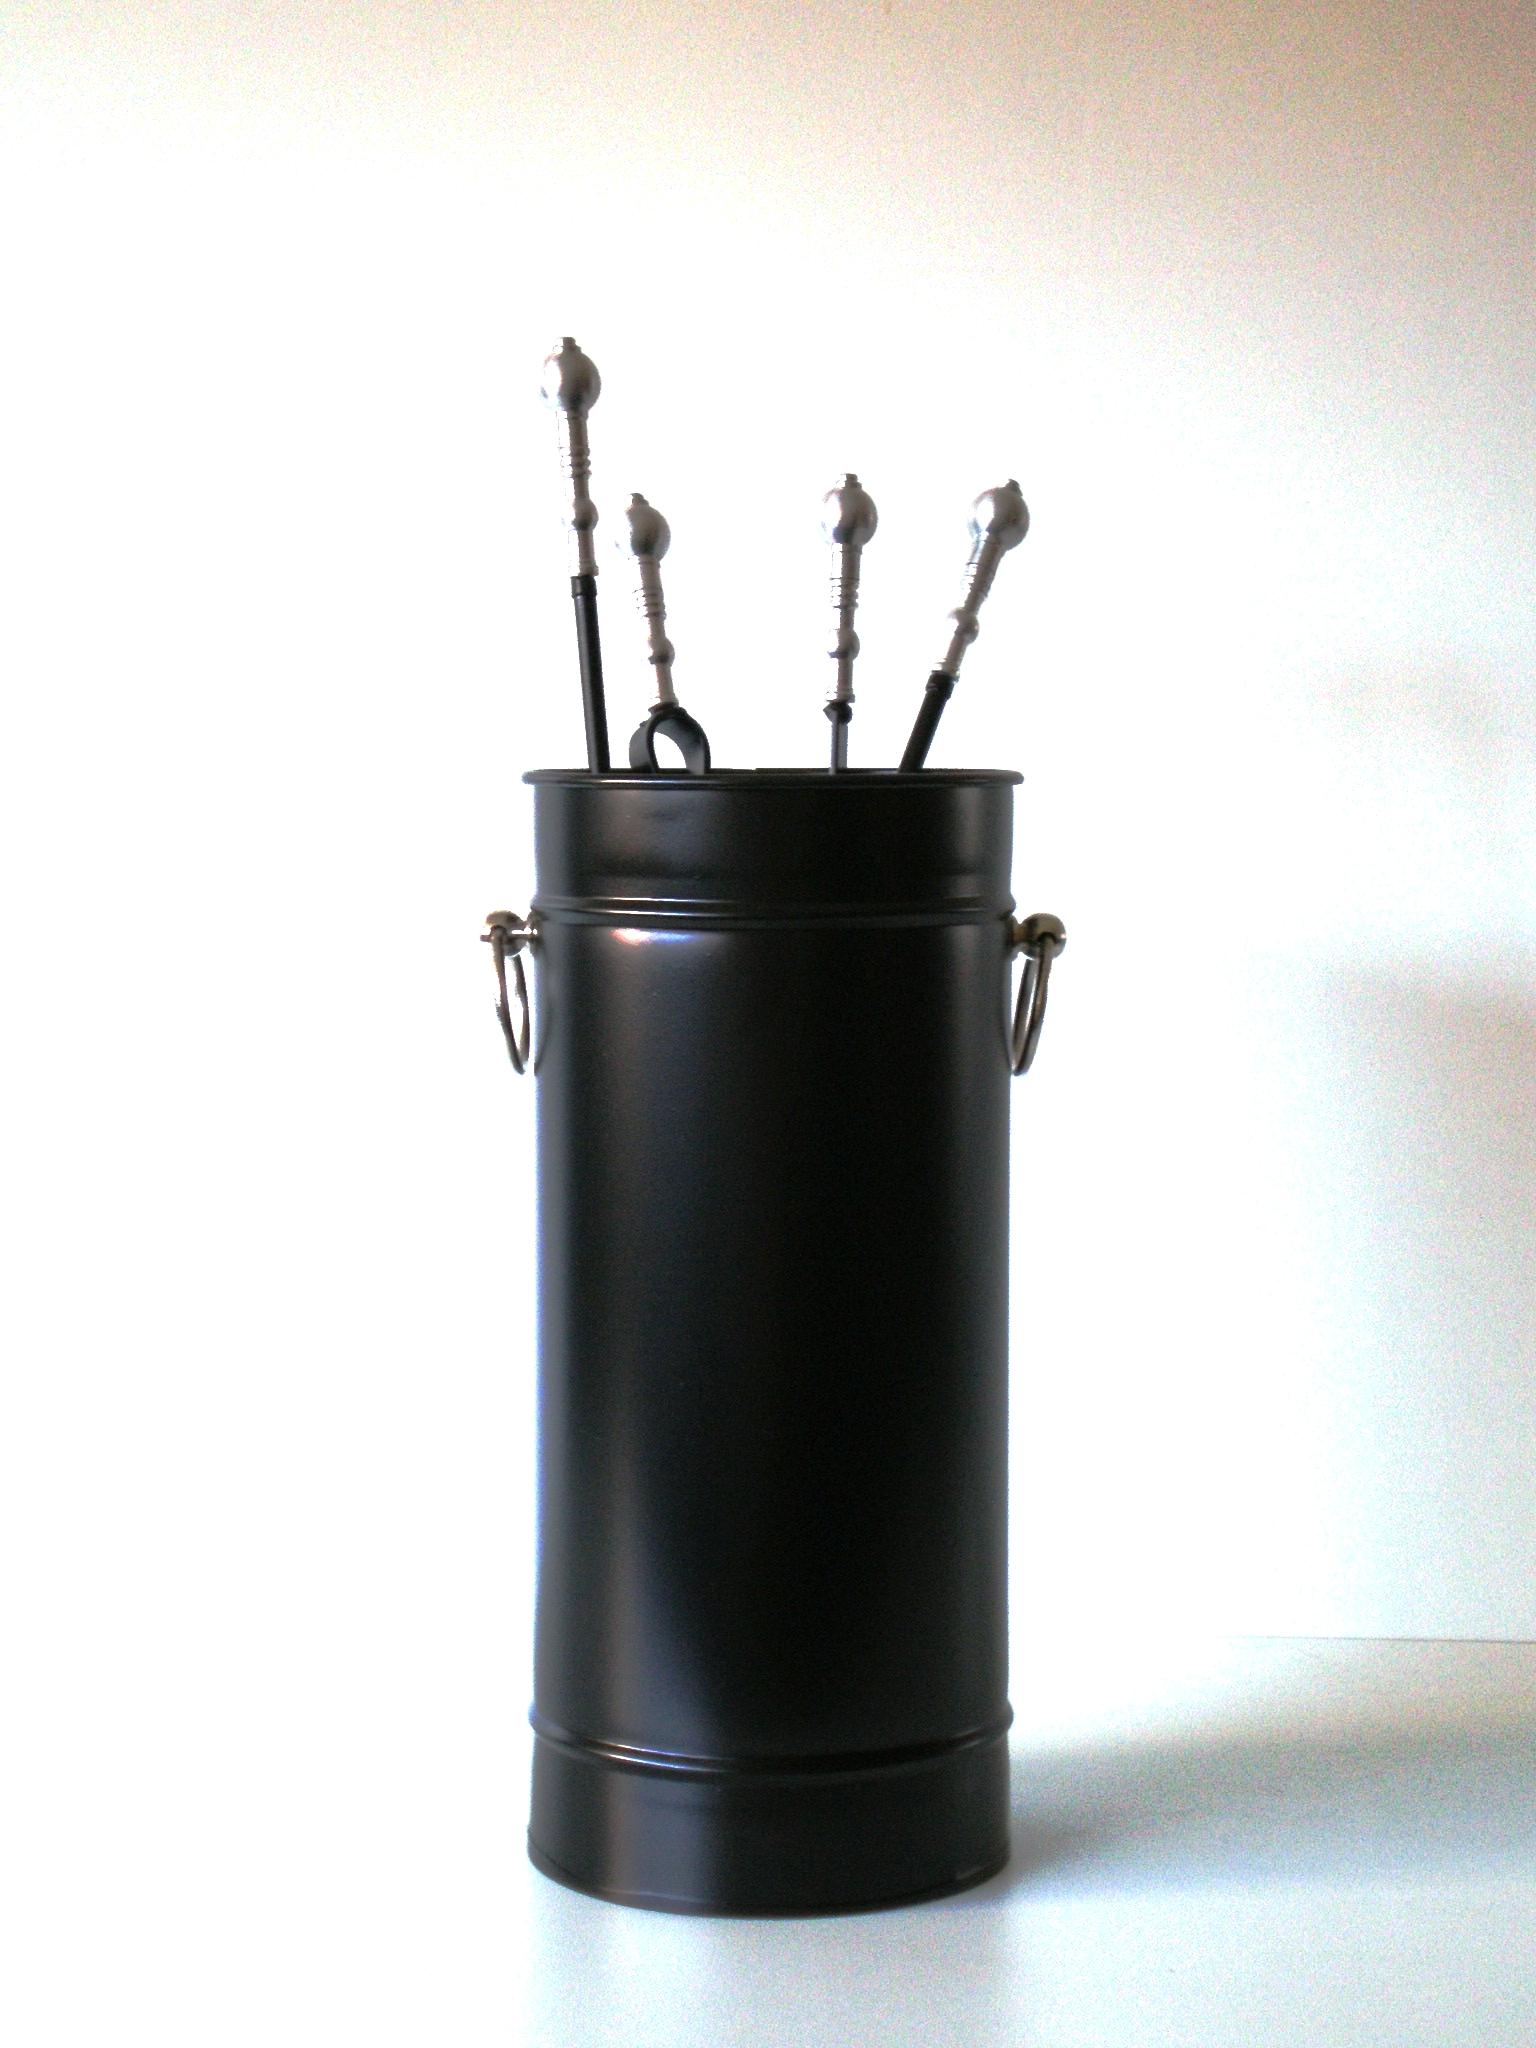 """Κρεμανταλάς Κουβαδάκι """"Μαύρο Μπίλια Inox"""" - Β - 3-115 ΜΑΥΡΟ ΜΠΙΛΙΑ INOX διακοσμηση σαλόνι είδη τζακιού"""